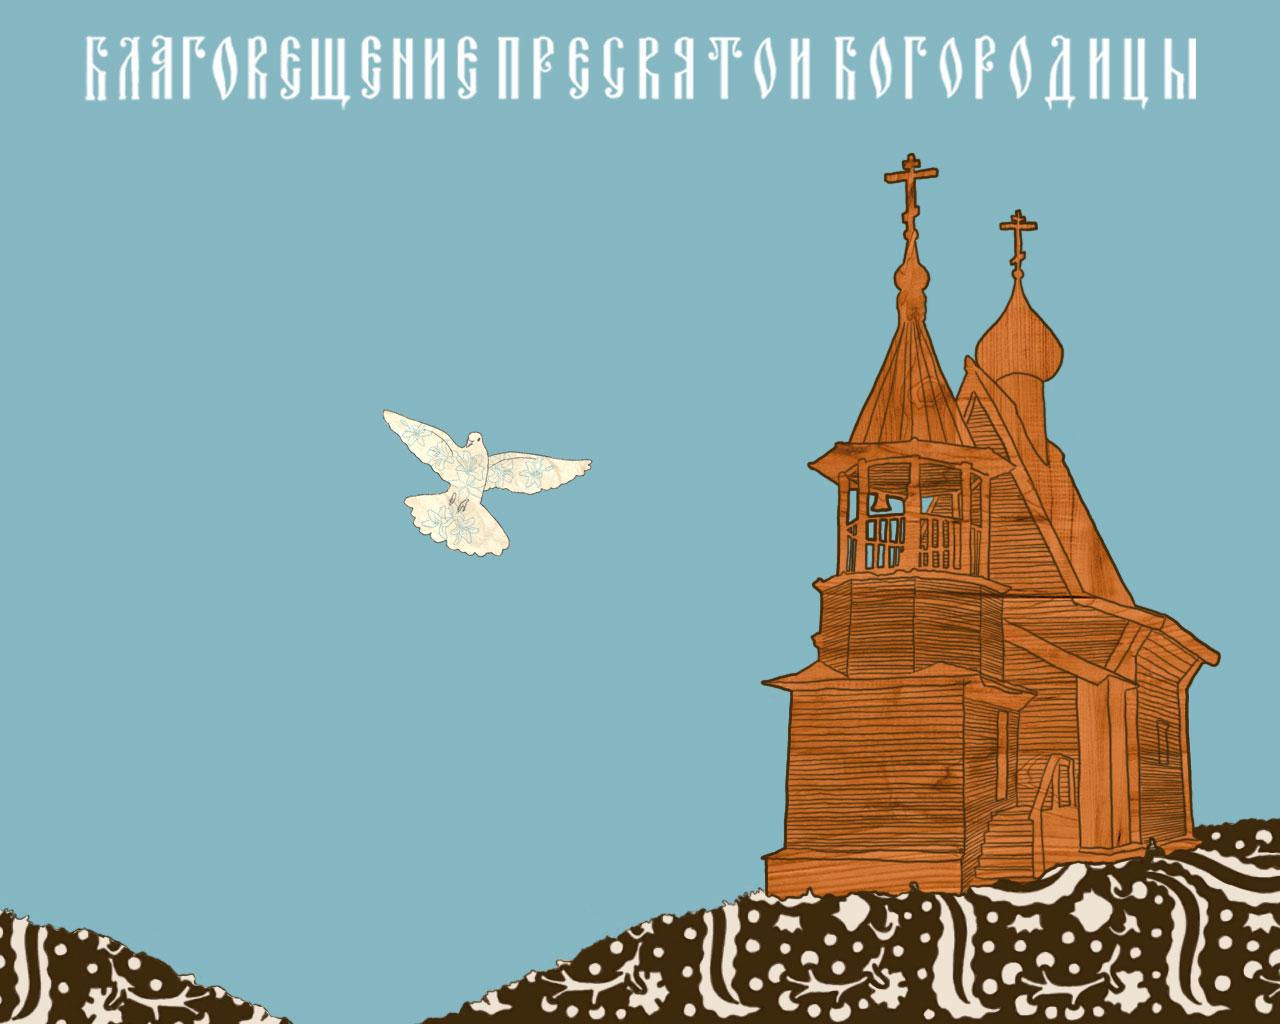 Благовещенье поздравление открытка